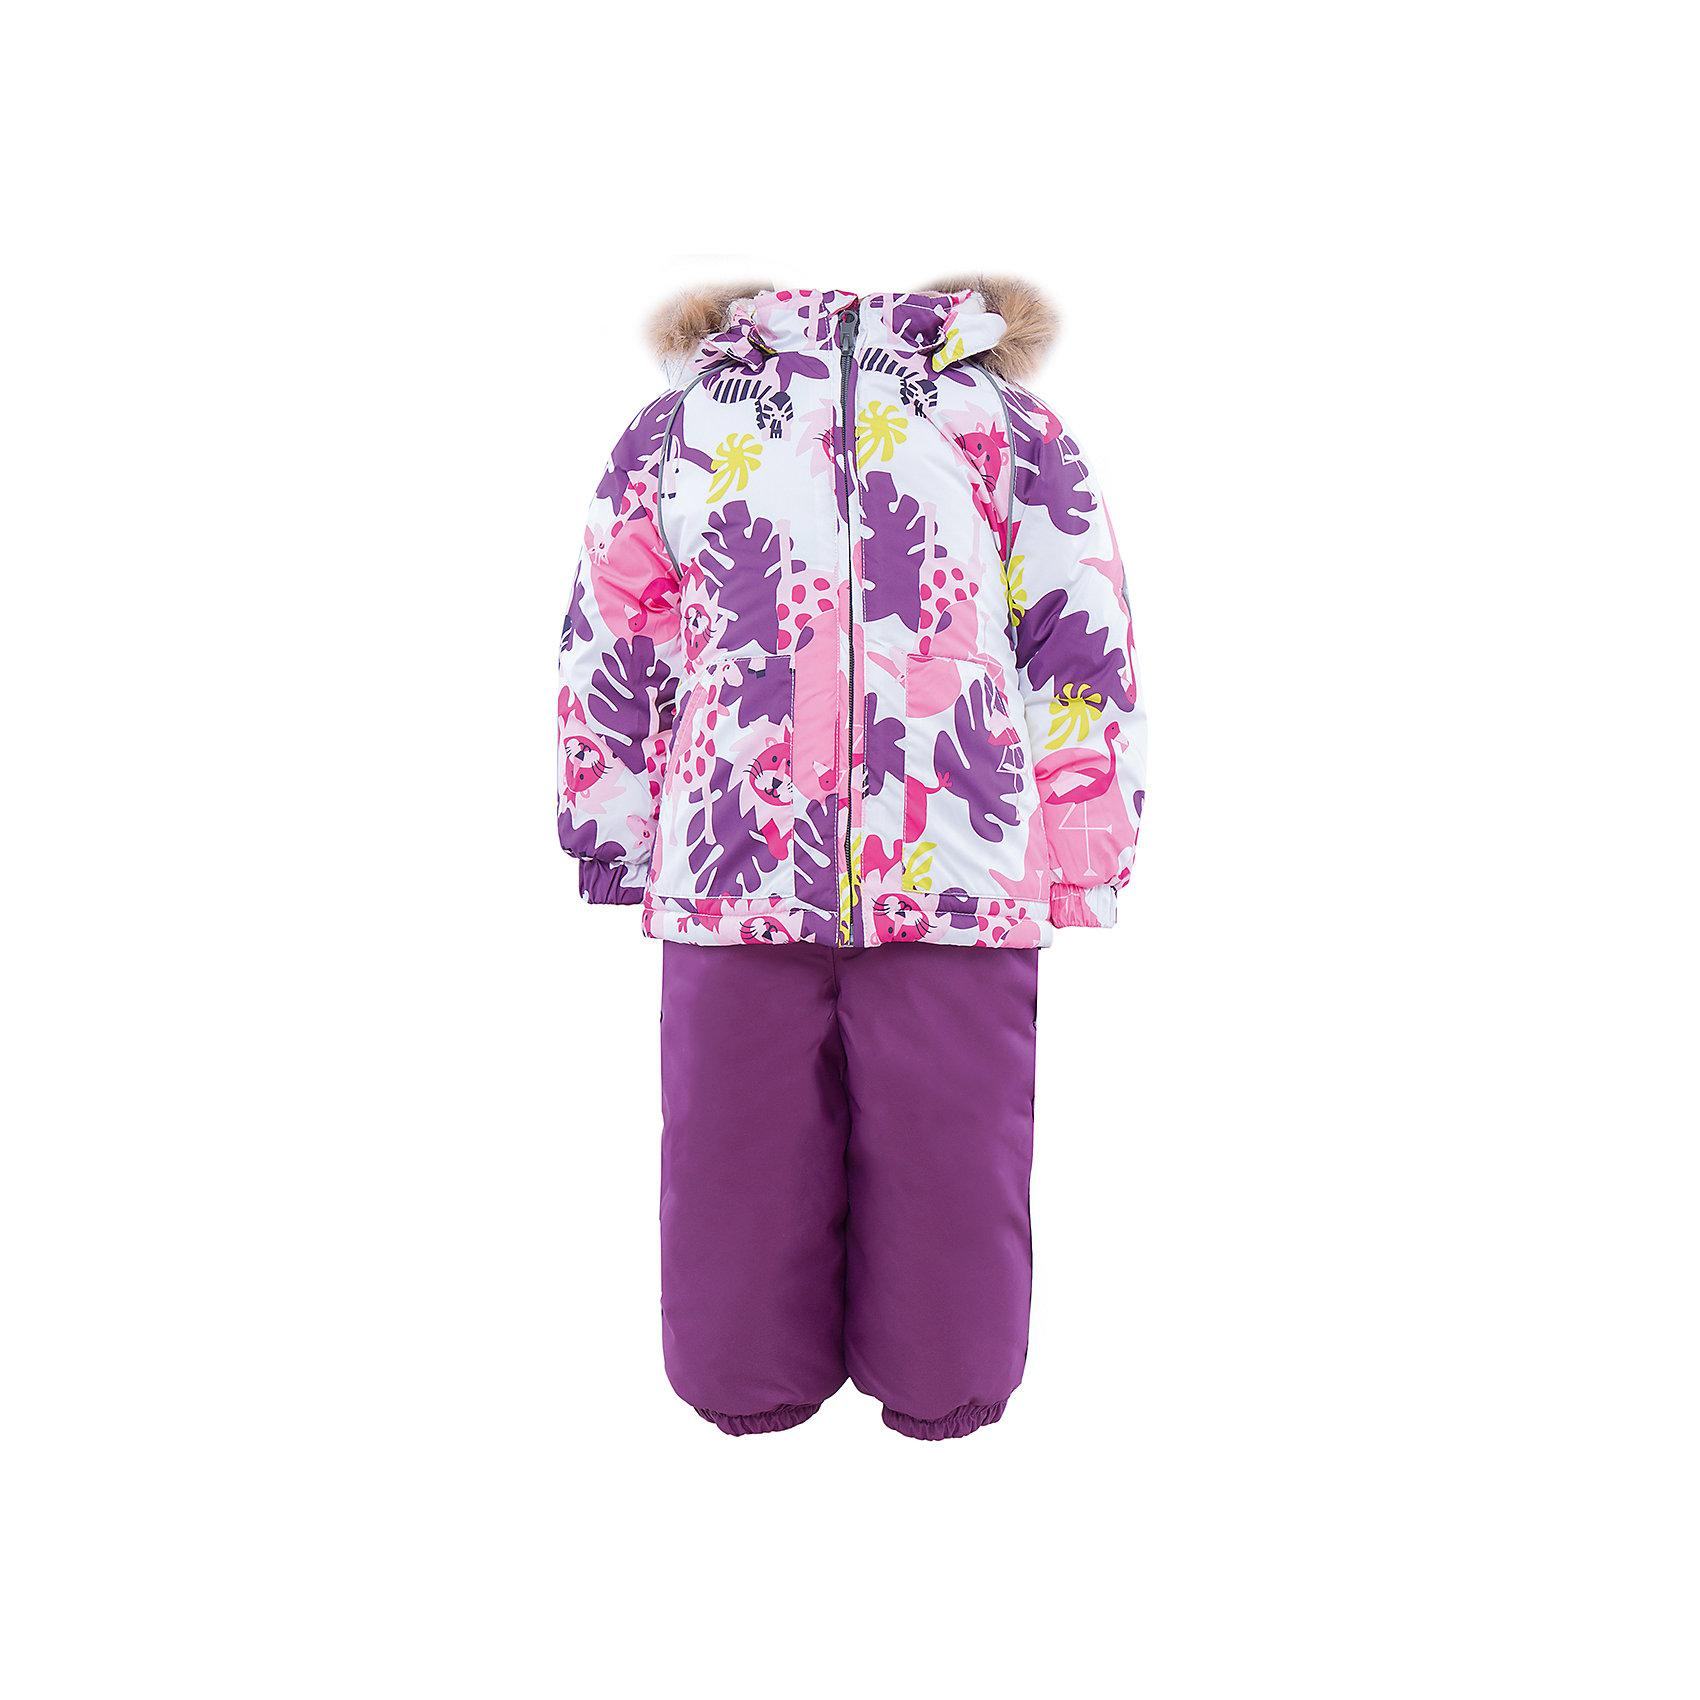 Комплект: куртка и полукомбинезон HuppaКомплект из куртки и комбинезона AVERY Huppa(Хуппа).<br><br>Утеплитель: 100% полиэстер. Куртка – 300 гр., полукомбинезон – 160 гр.<br><br>Температурный режим: до -30 градусов. Степень утепления – высокая. <br><br>* Температурный режим указан приблизительно — необходимо, прежде всего, ориентироваться на ощущения ребенка. Температурный режим работает в случае соблюдения правила многослойности – использования флисовой поддевы и термобелья.<br><br>Отлично подойдет для зимних прогулок. Комбинезон имеет подтяжки и резинки на талии и манжетах. Куртка с капюшоном и резинками на манжетах имеет необычный дизайн и принт со зверюшками.<br><br>Особенности:<br>-плотная дышащая и водоотталкивающая мембрана<br>-водонепроницаемый<br>-мягкая фланелевая подкладка<br>-водостойкая лента на швах<br>-высокая прочность<br>-светоотражающие элементы<br>-съемный каюшон с отстегивающимся мехом<br>-шаговый шов проклеен<br><br>Дополнительная информация:<br>Материал: 100% полиэстер<br>Подкладка: фланель - 100% хлопок<br>Цвет: лиловый/белый<br><br>Вы можете приобрести комплект AVERY Huppa(Хуппа) в нашем интернет-магазине.<br><br>Ширина мм: 356<br>Глубина мм: 10<br>Высота мм: 245<br>Вес г: 519<br>Цвет: белый<br>Возраст от месяцев: 12<br>Возраст до месяцев: 15<br>Пол: Женский<br>Возраст: Детский<br>Размер: 80,104,86,92,98<br>SKU: 4928768